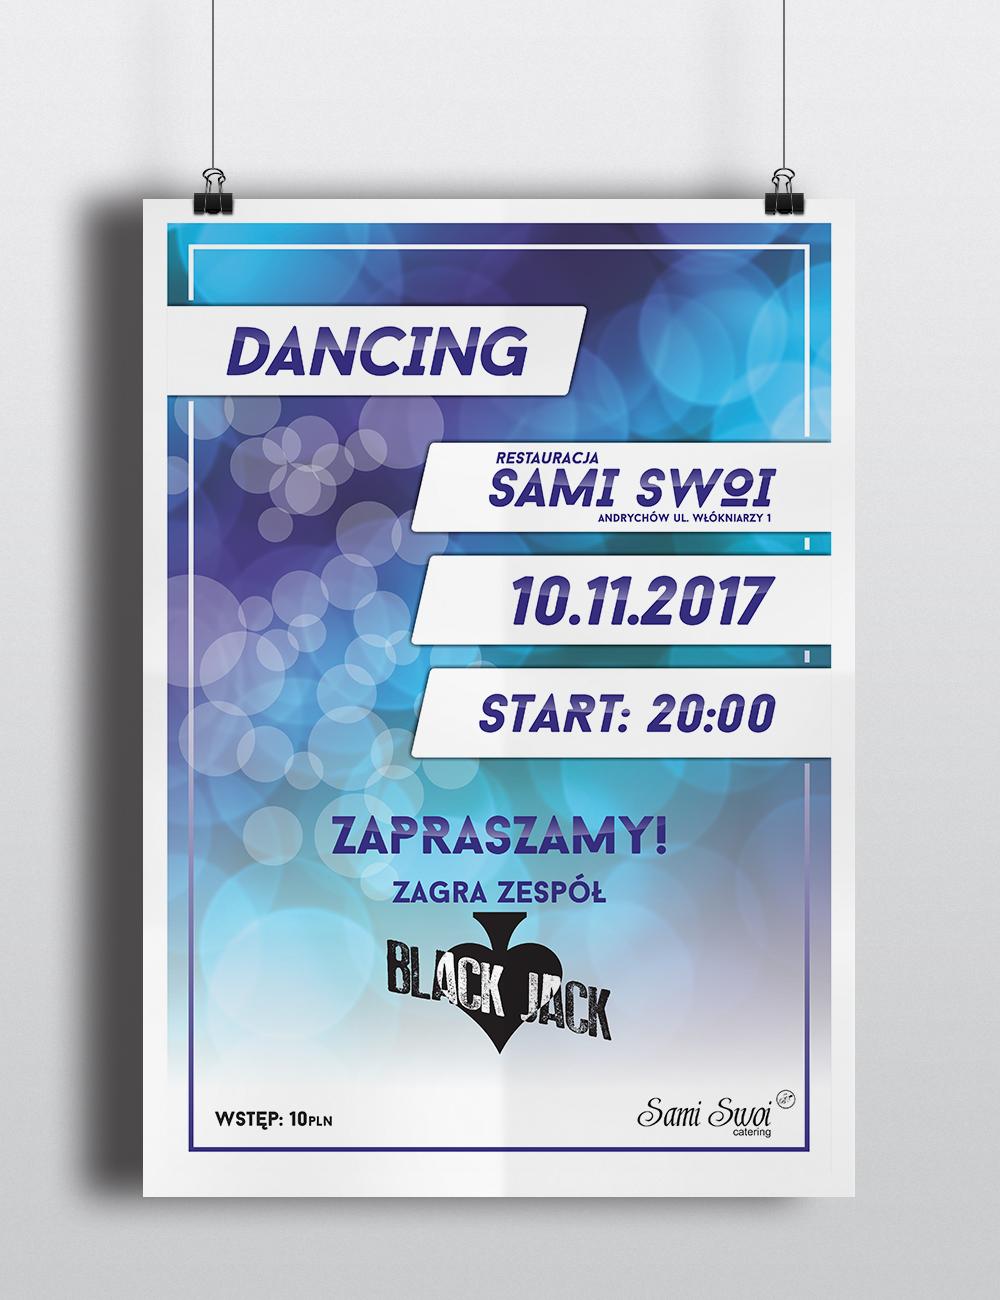 Dancing z muzyką na żywo z restauracji Sami Swoi